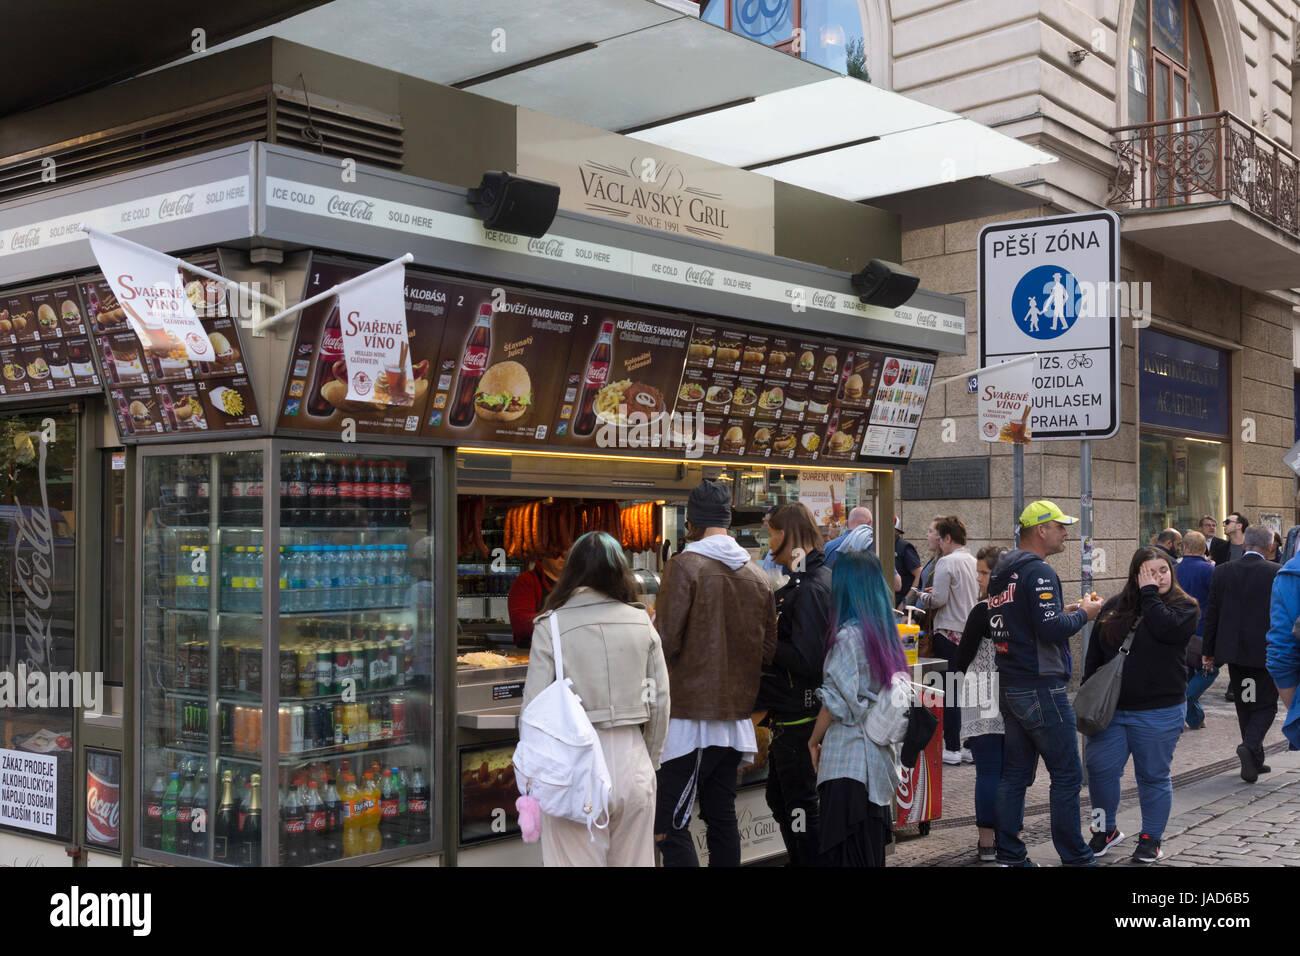 Les clients faire la queue à l'extérieur de Václavsky Gril, fast food kiosk, Prague, République Photo Stock